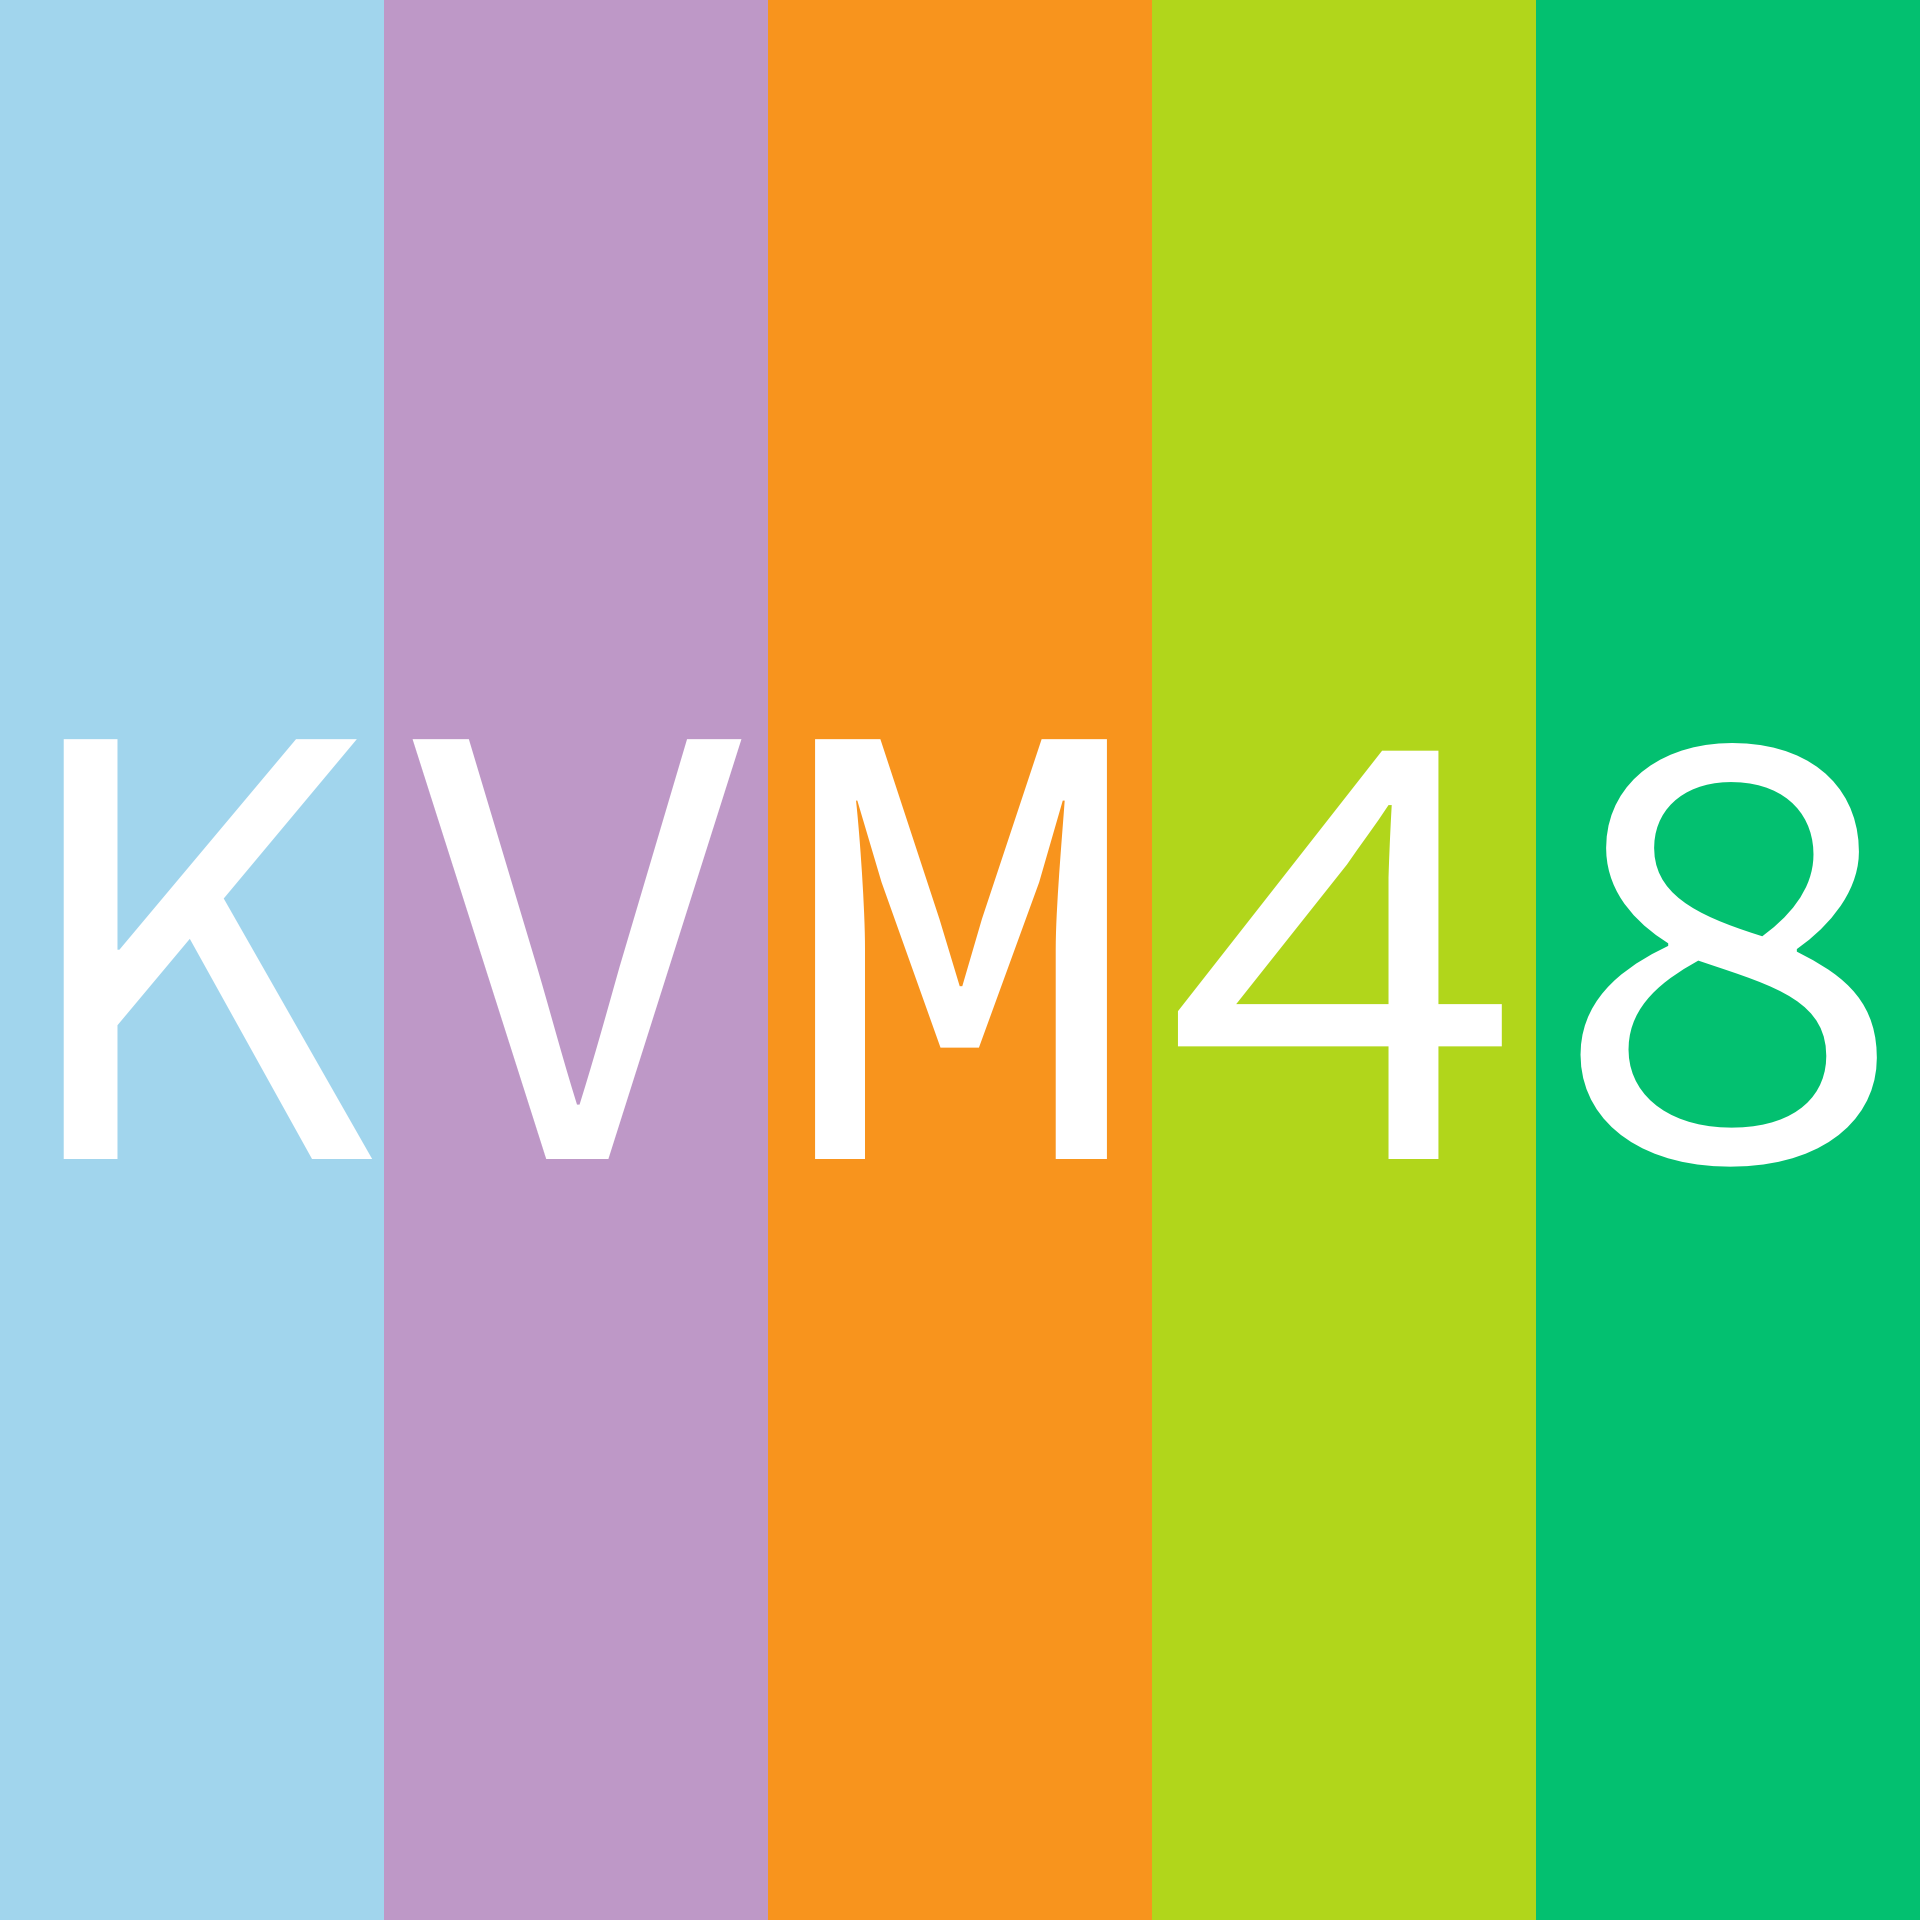 KVM48